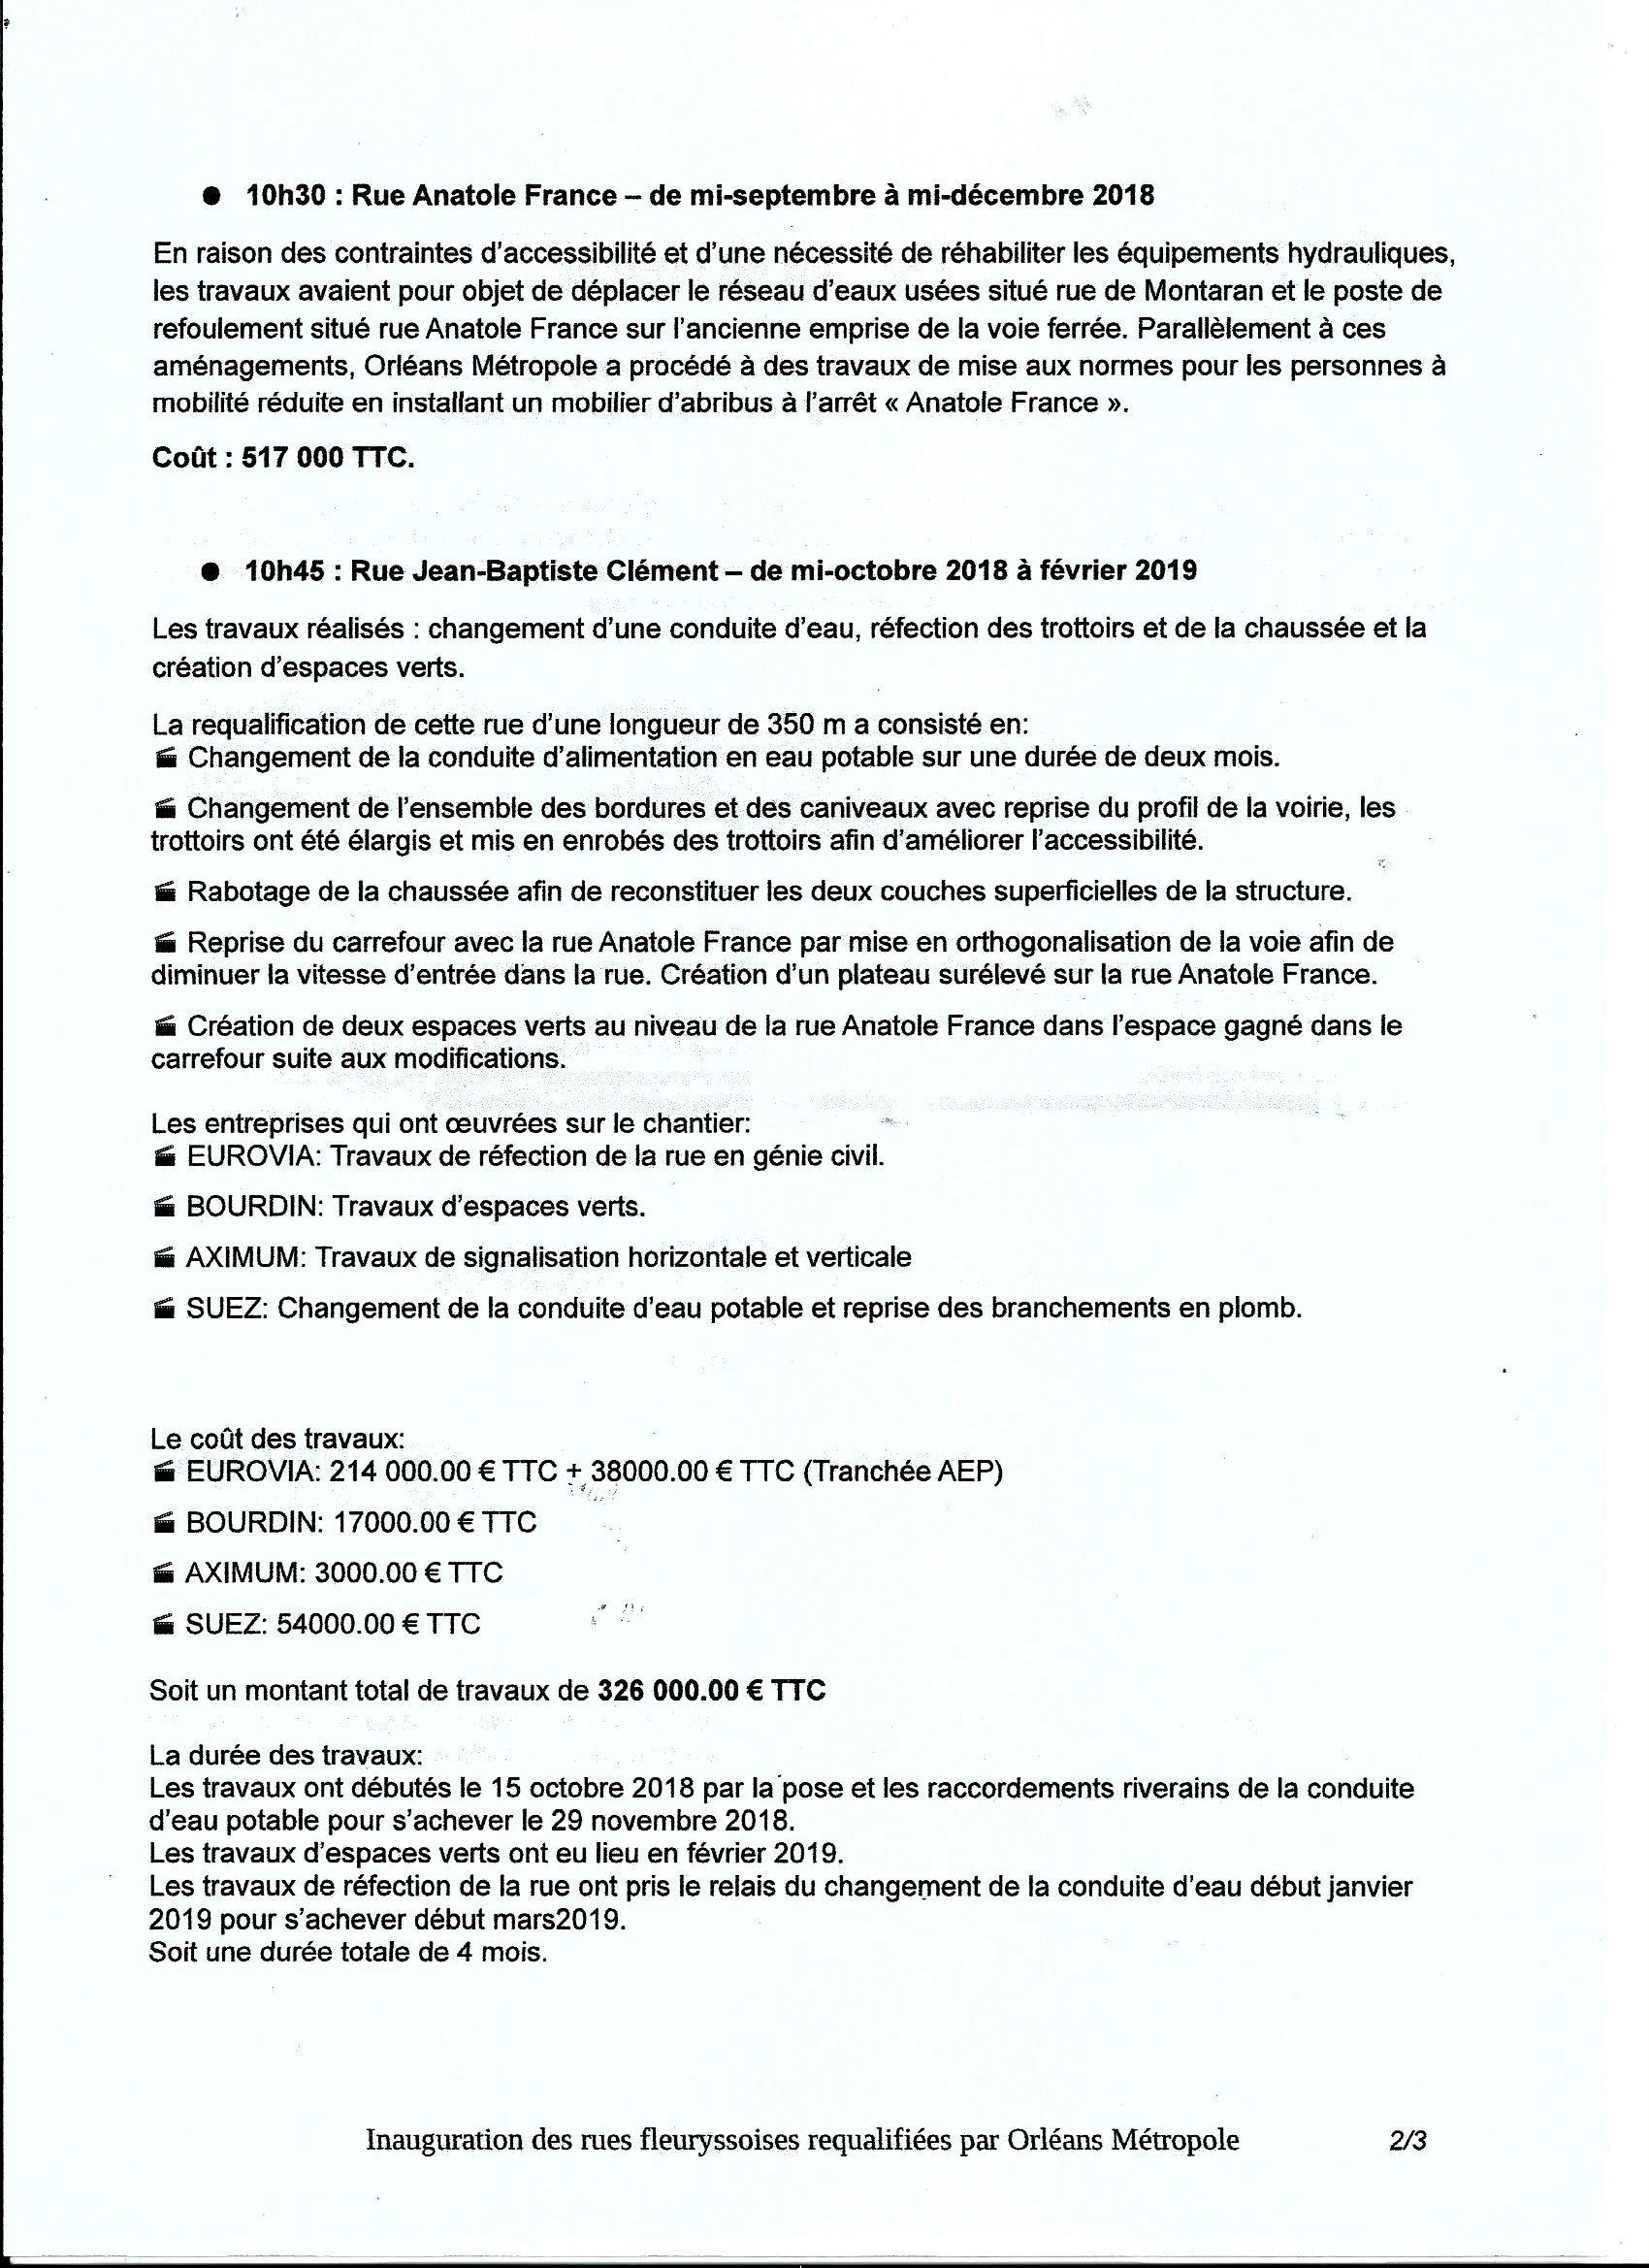 Scan inauguration des rues fleuryssoises requalifiées par Orléa.jpg